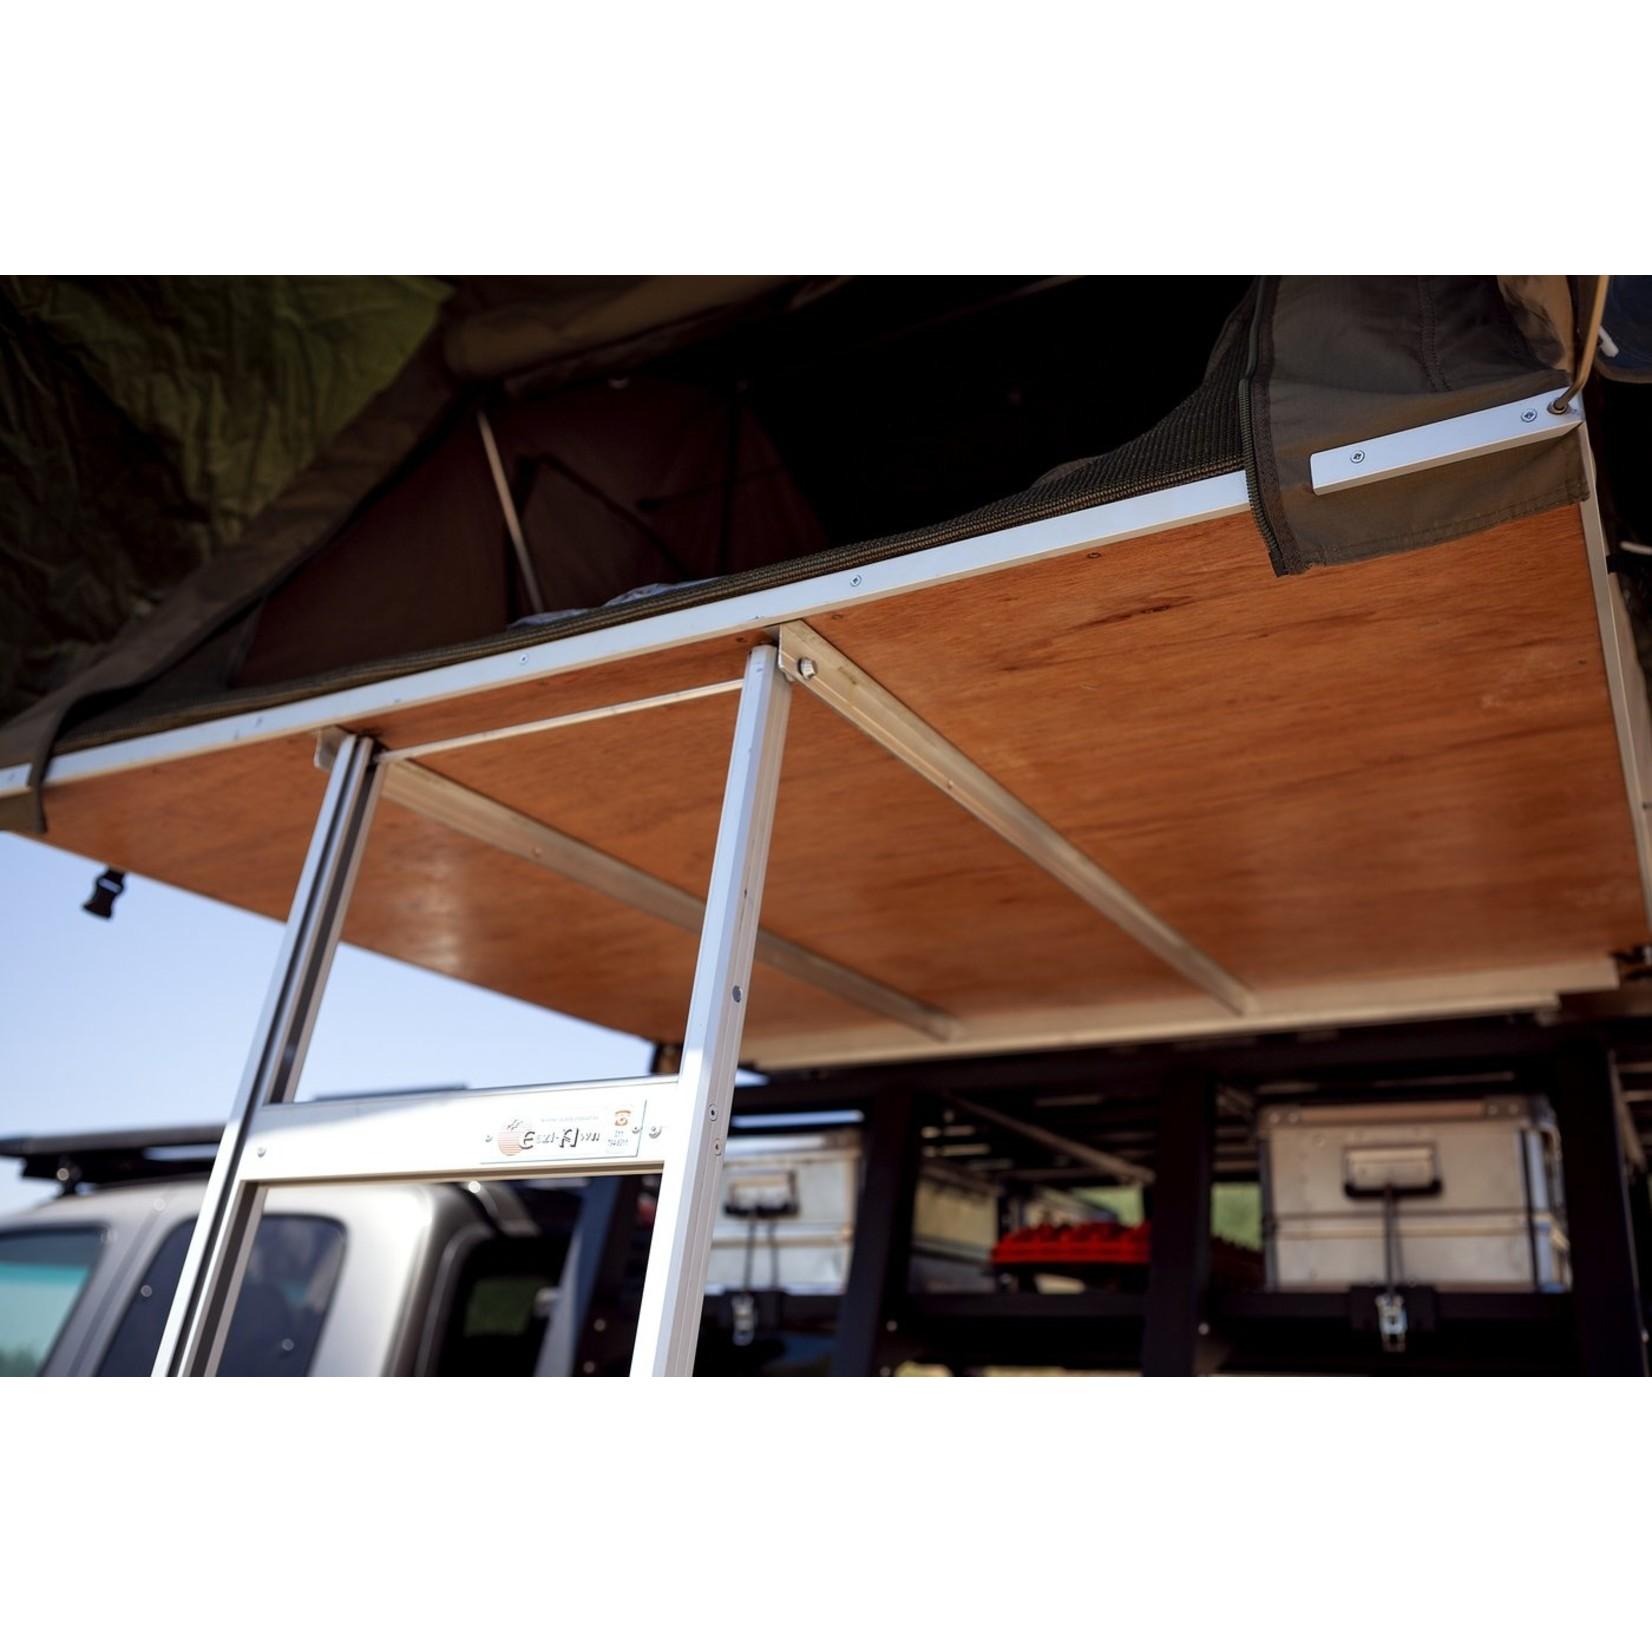 Eezi-Awn Eezi-Awn Jazz Roof Top Tent